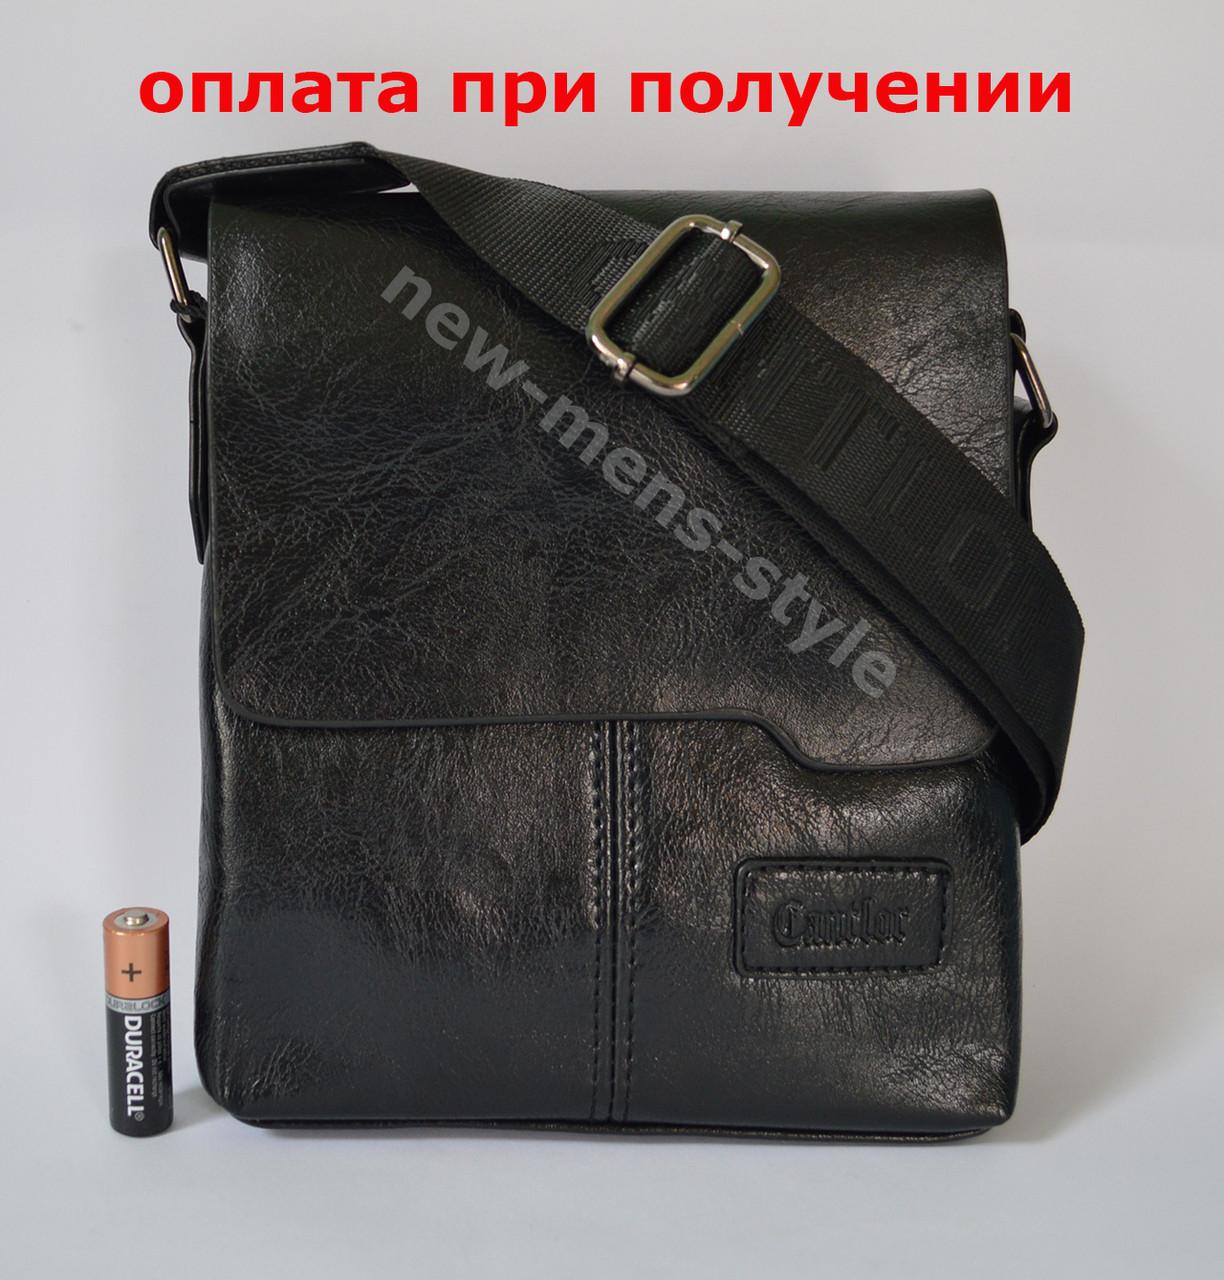 Чоловіча шкіряна фірмова сумка барсетка Cantlor Polo класика купити